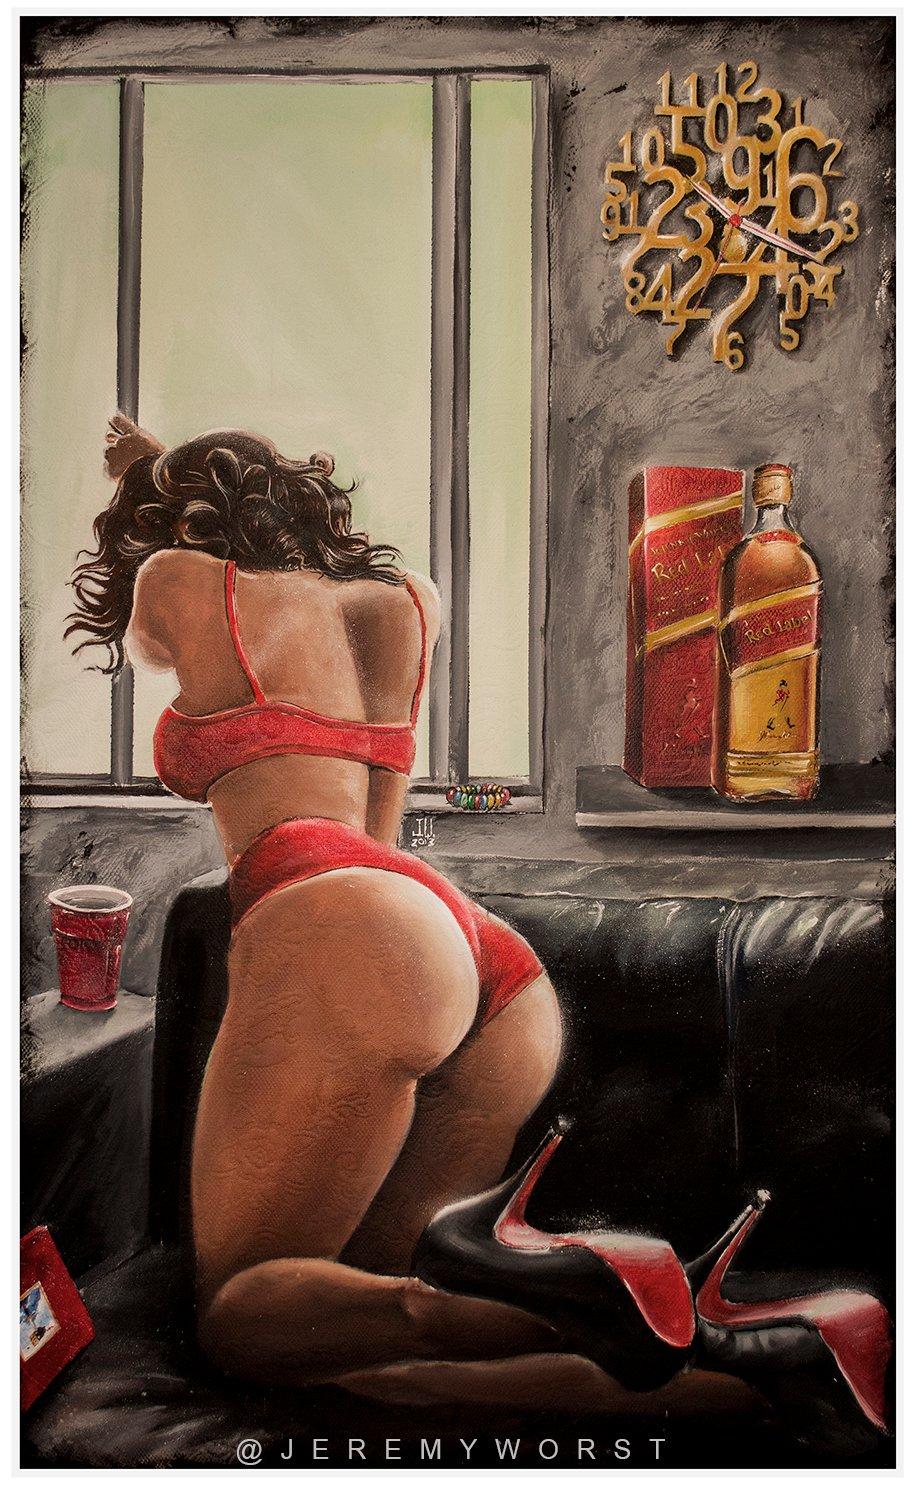 Image of JEREMY WORST On Sight Red Label Original Artwork Signed Print poster